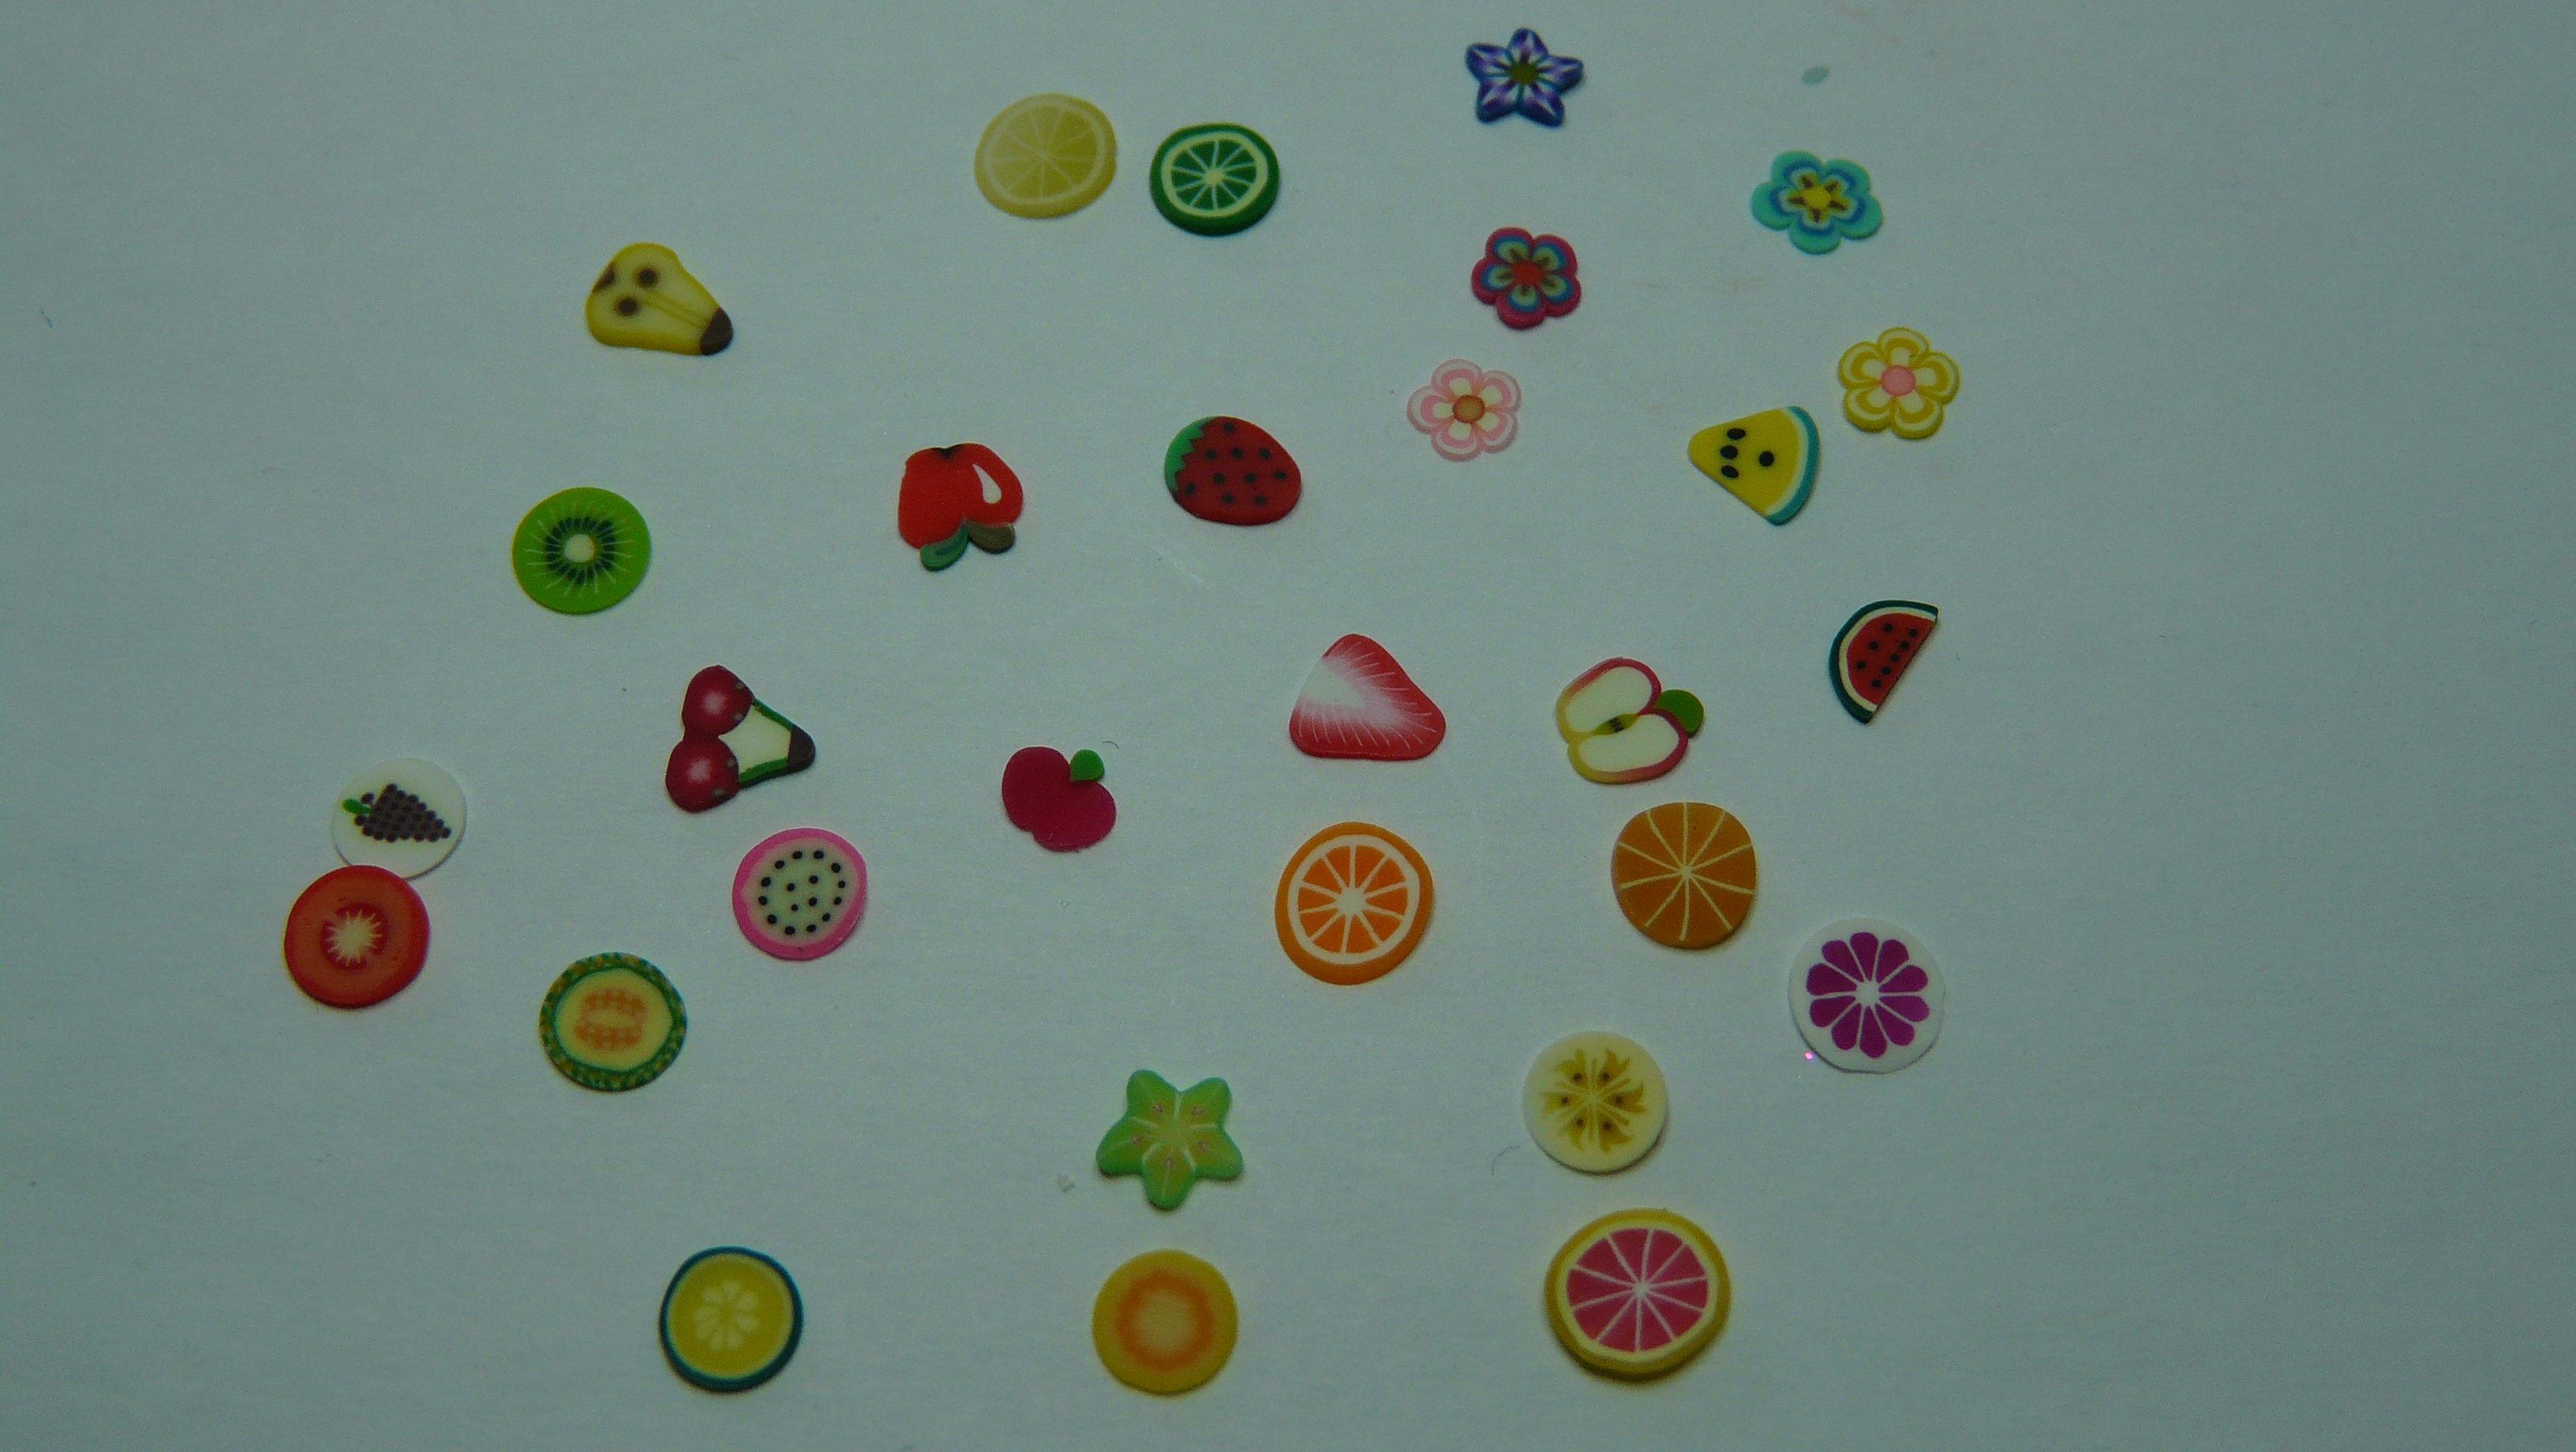 Citron, lime, fleurs, melon d'eau, melon miel, fraise entière ...: londonga.wix.com/proessionbeaute#!déco-pâte-fimo/zoom/c1d9s...